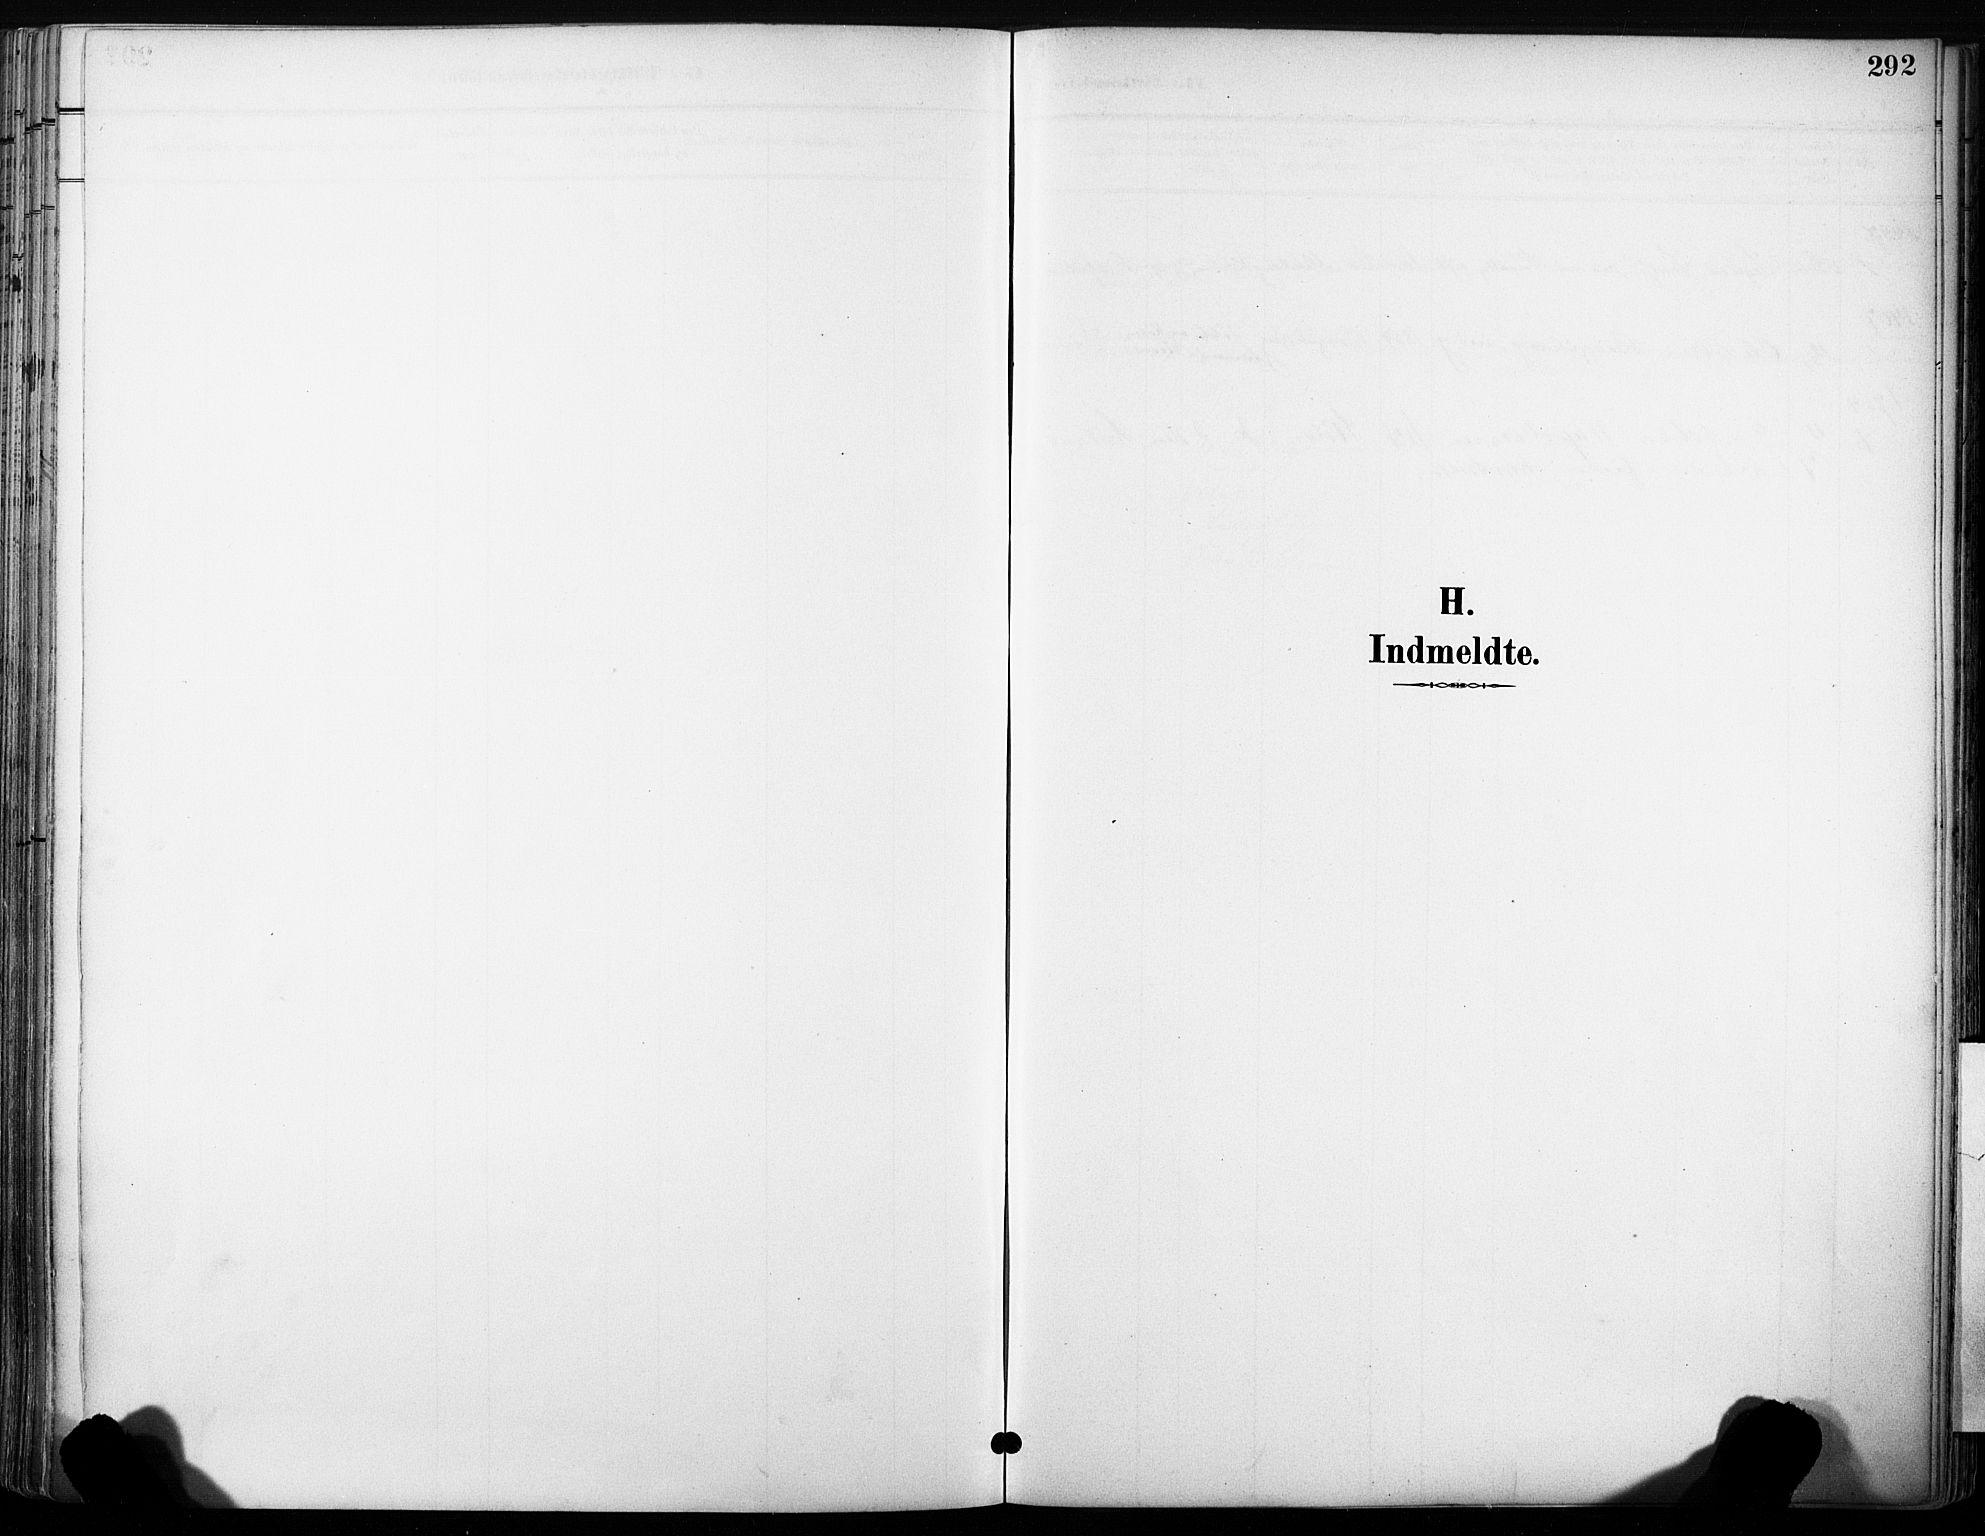 SAT, Ministerialprotokoller, klokkerbøker og fødselsregistre - Sør-Trøndelag, 630/L0497: Ministerialbok nr. 630A10, 1896-1910, s. 292